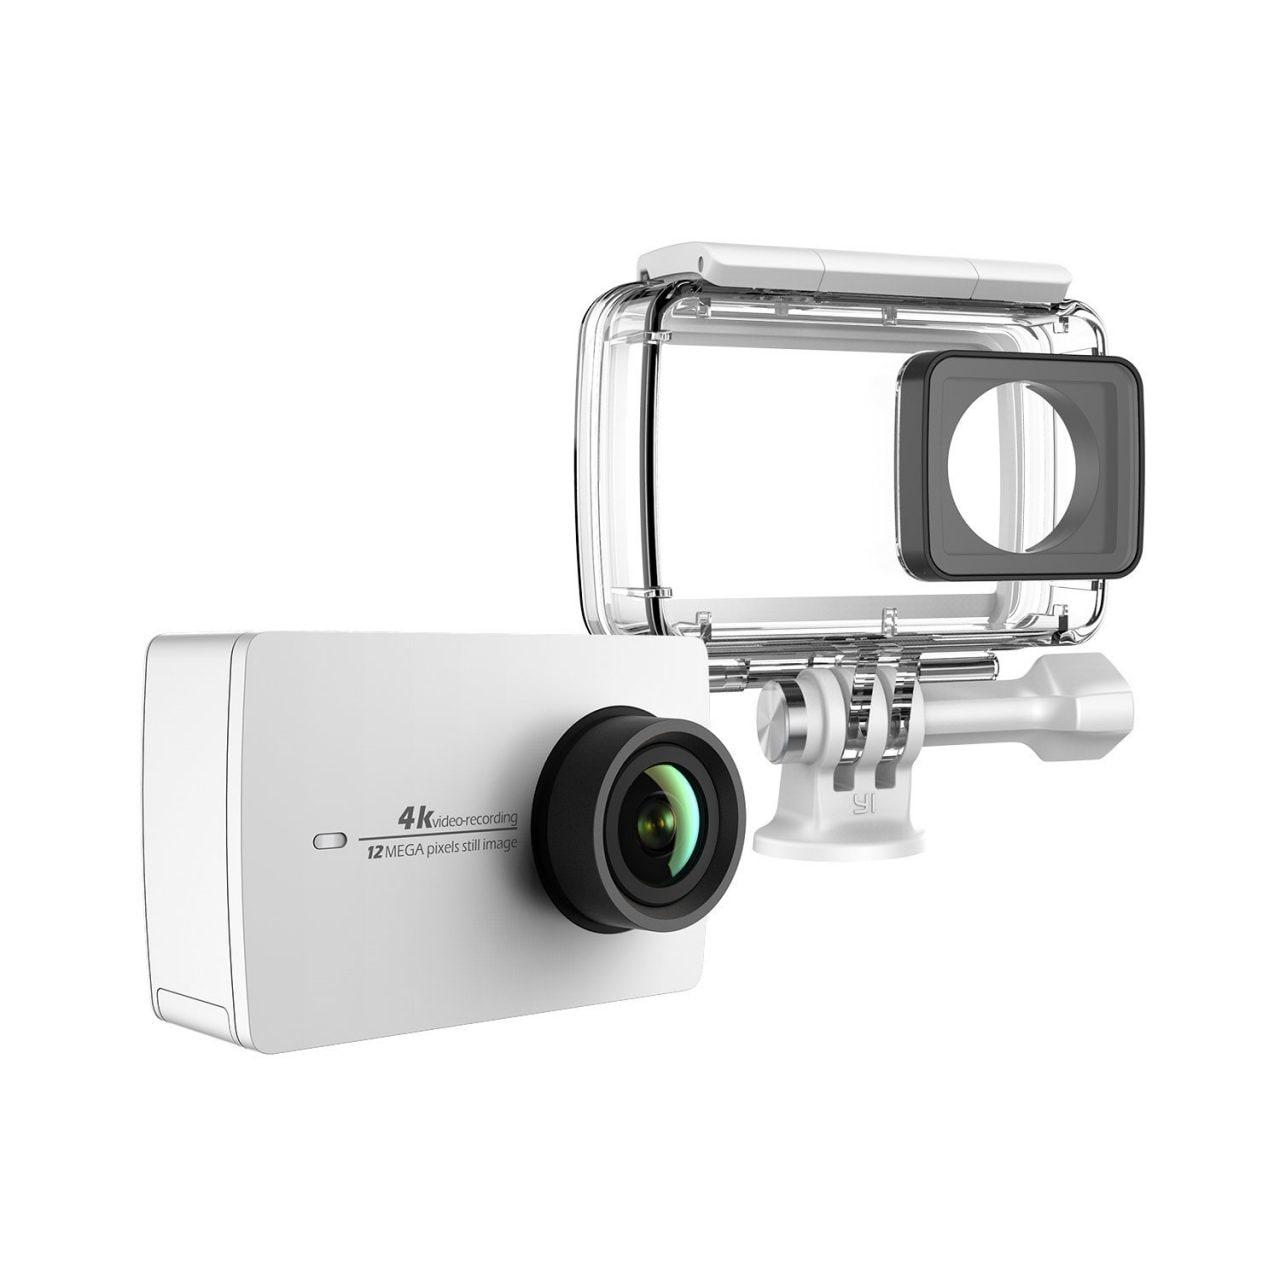 Yi Camera 4K a 130€ con custodia impermeabile: un codice sconto da non perdere!